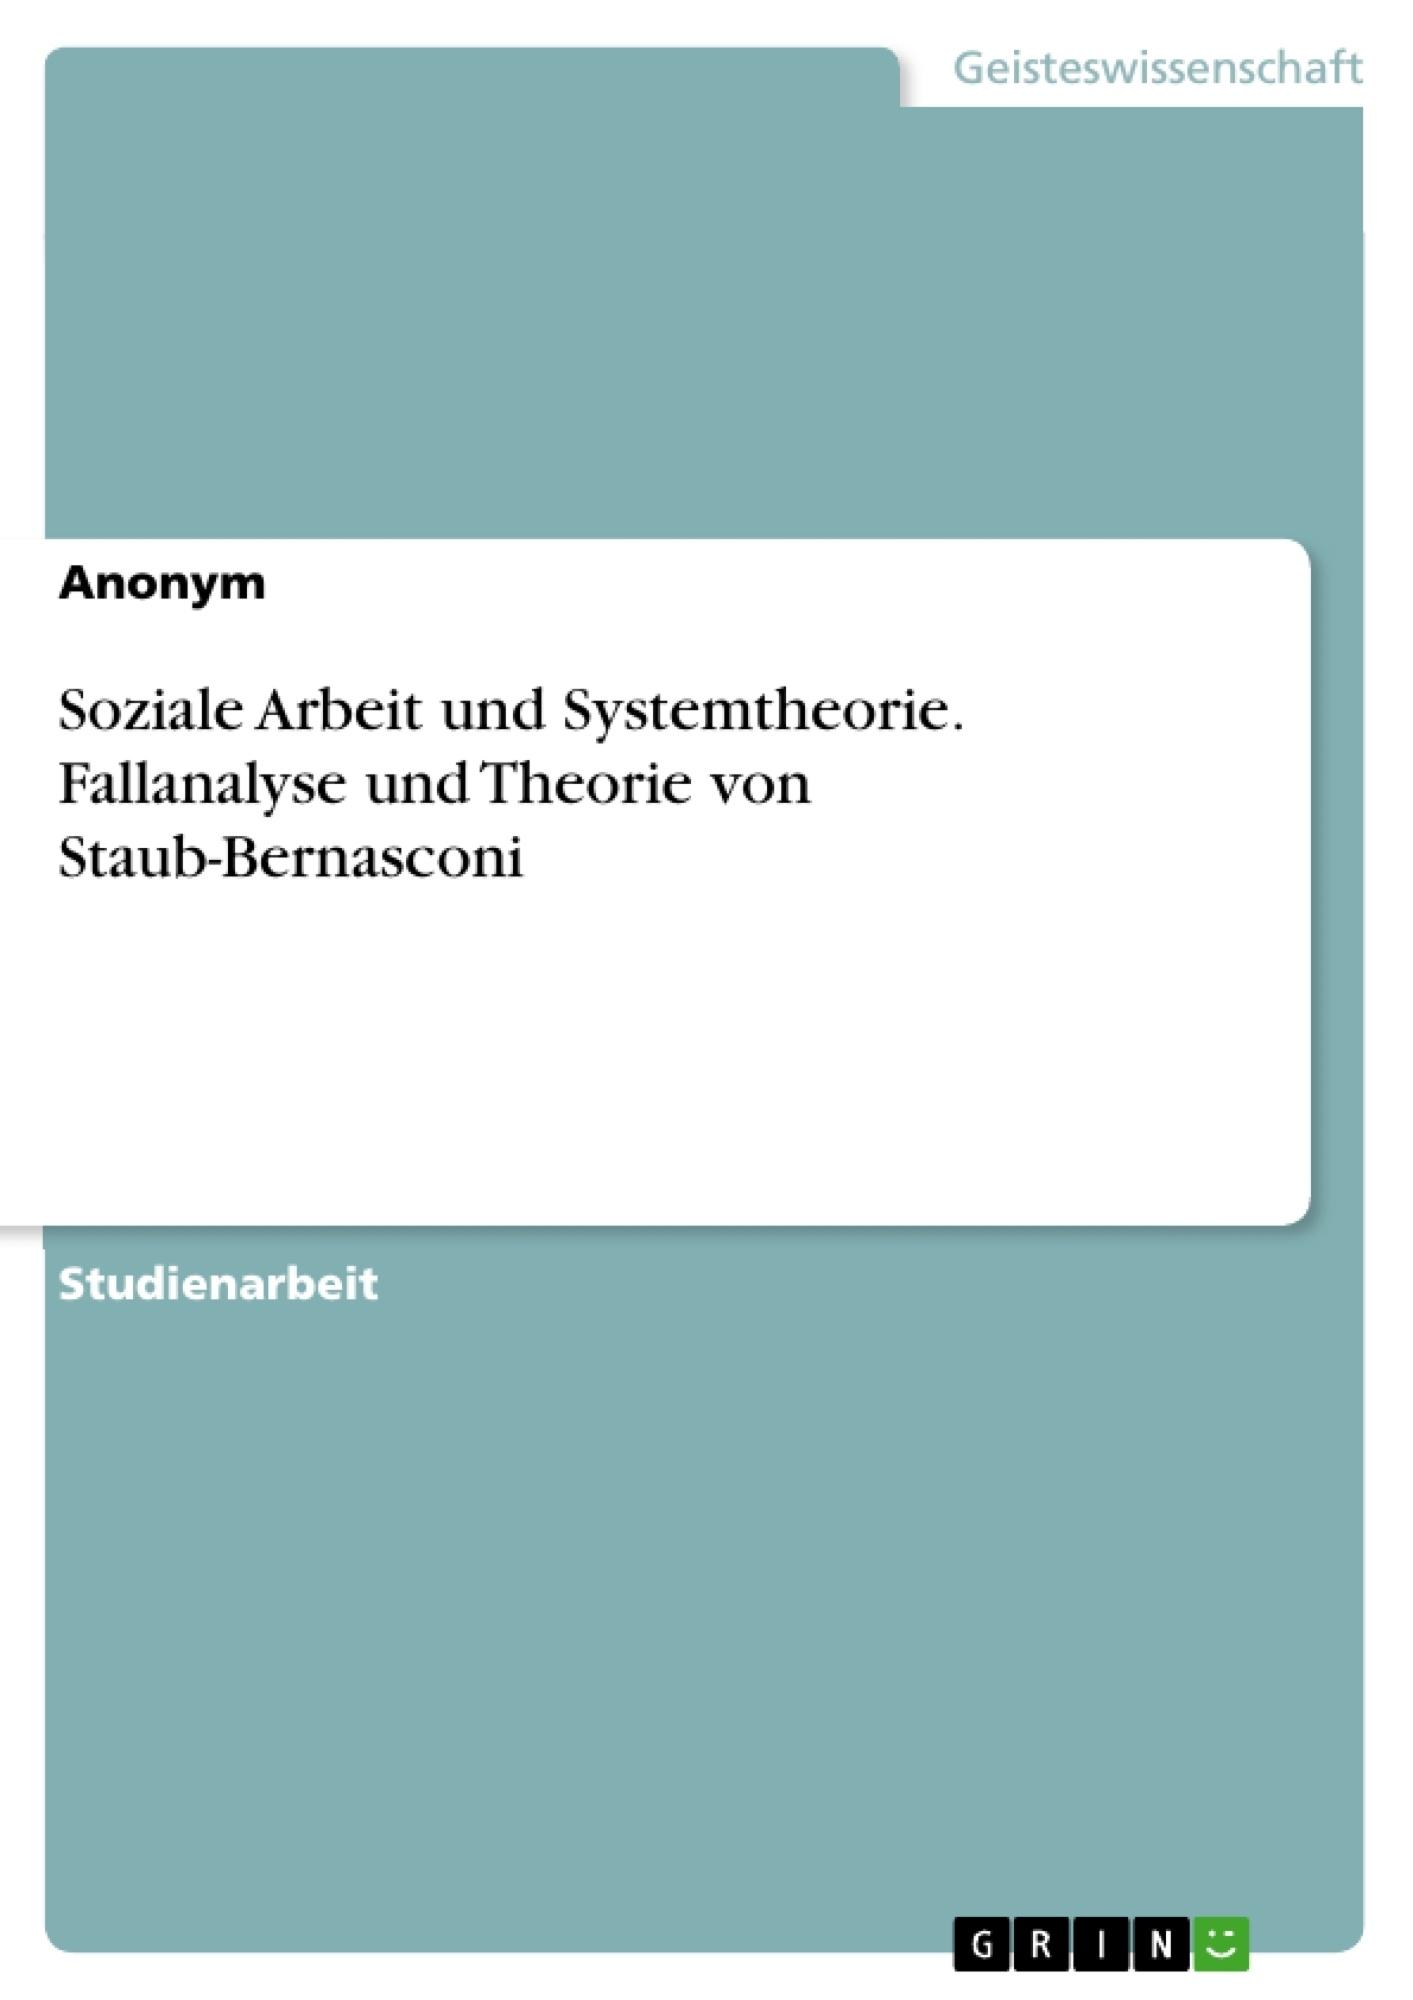 Titel: Soziale Arbeit und Systemtheorie. Fallanalyse und Theorie von Staub-Bernasconi